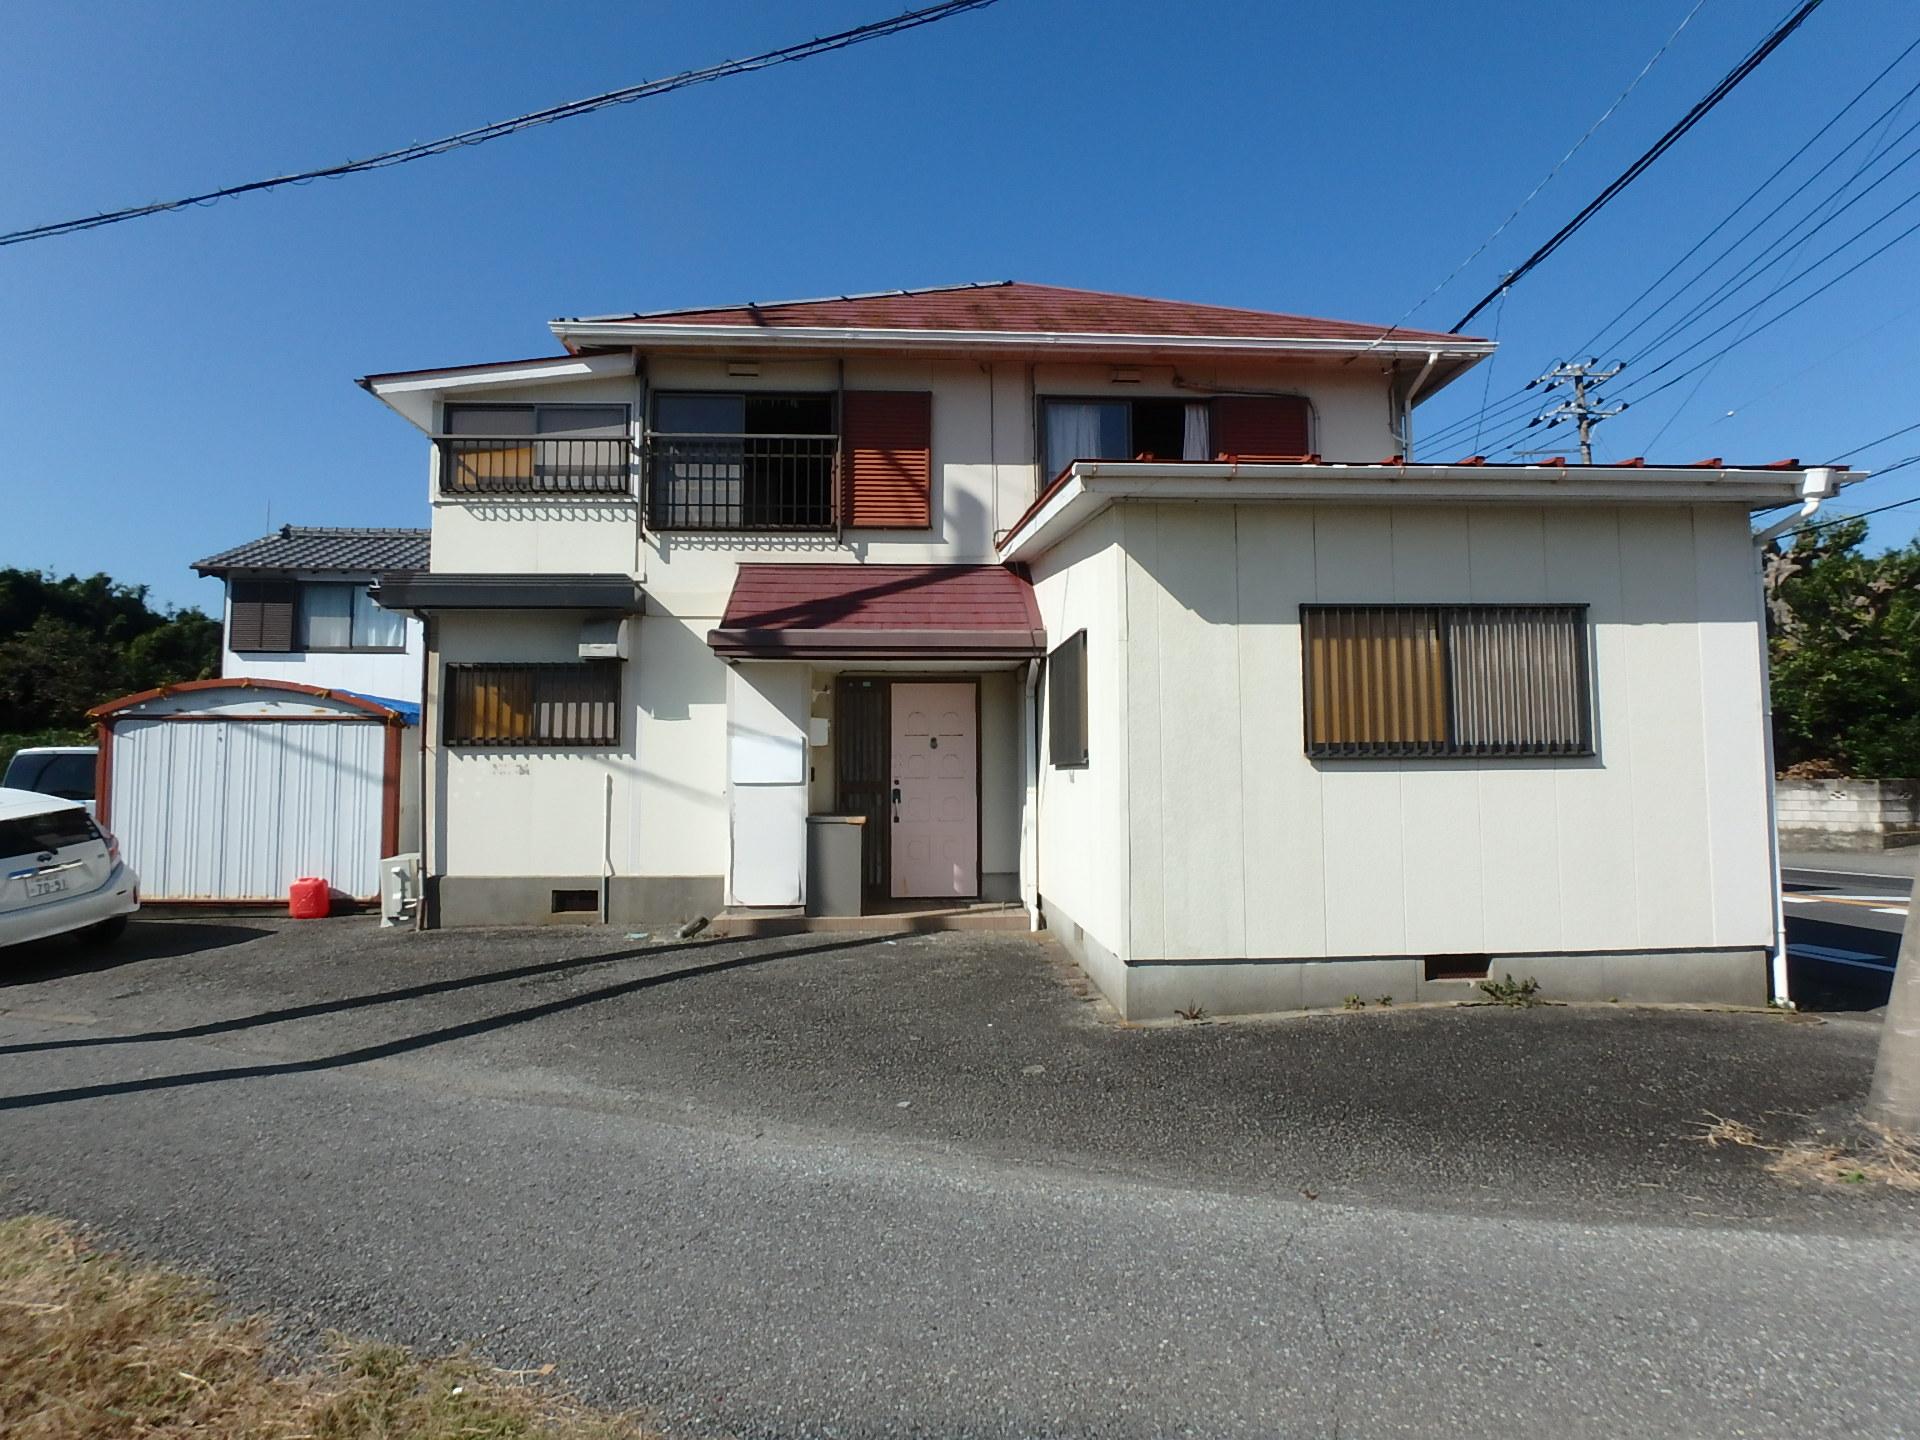 千葉県館山市大賀の不動産、中古住宅、新着